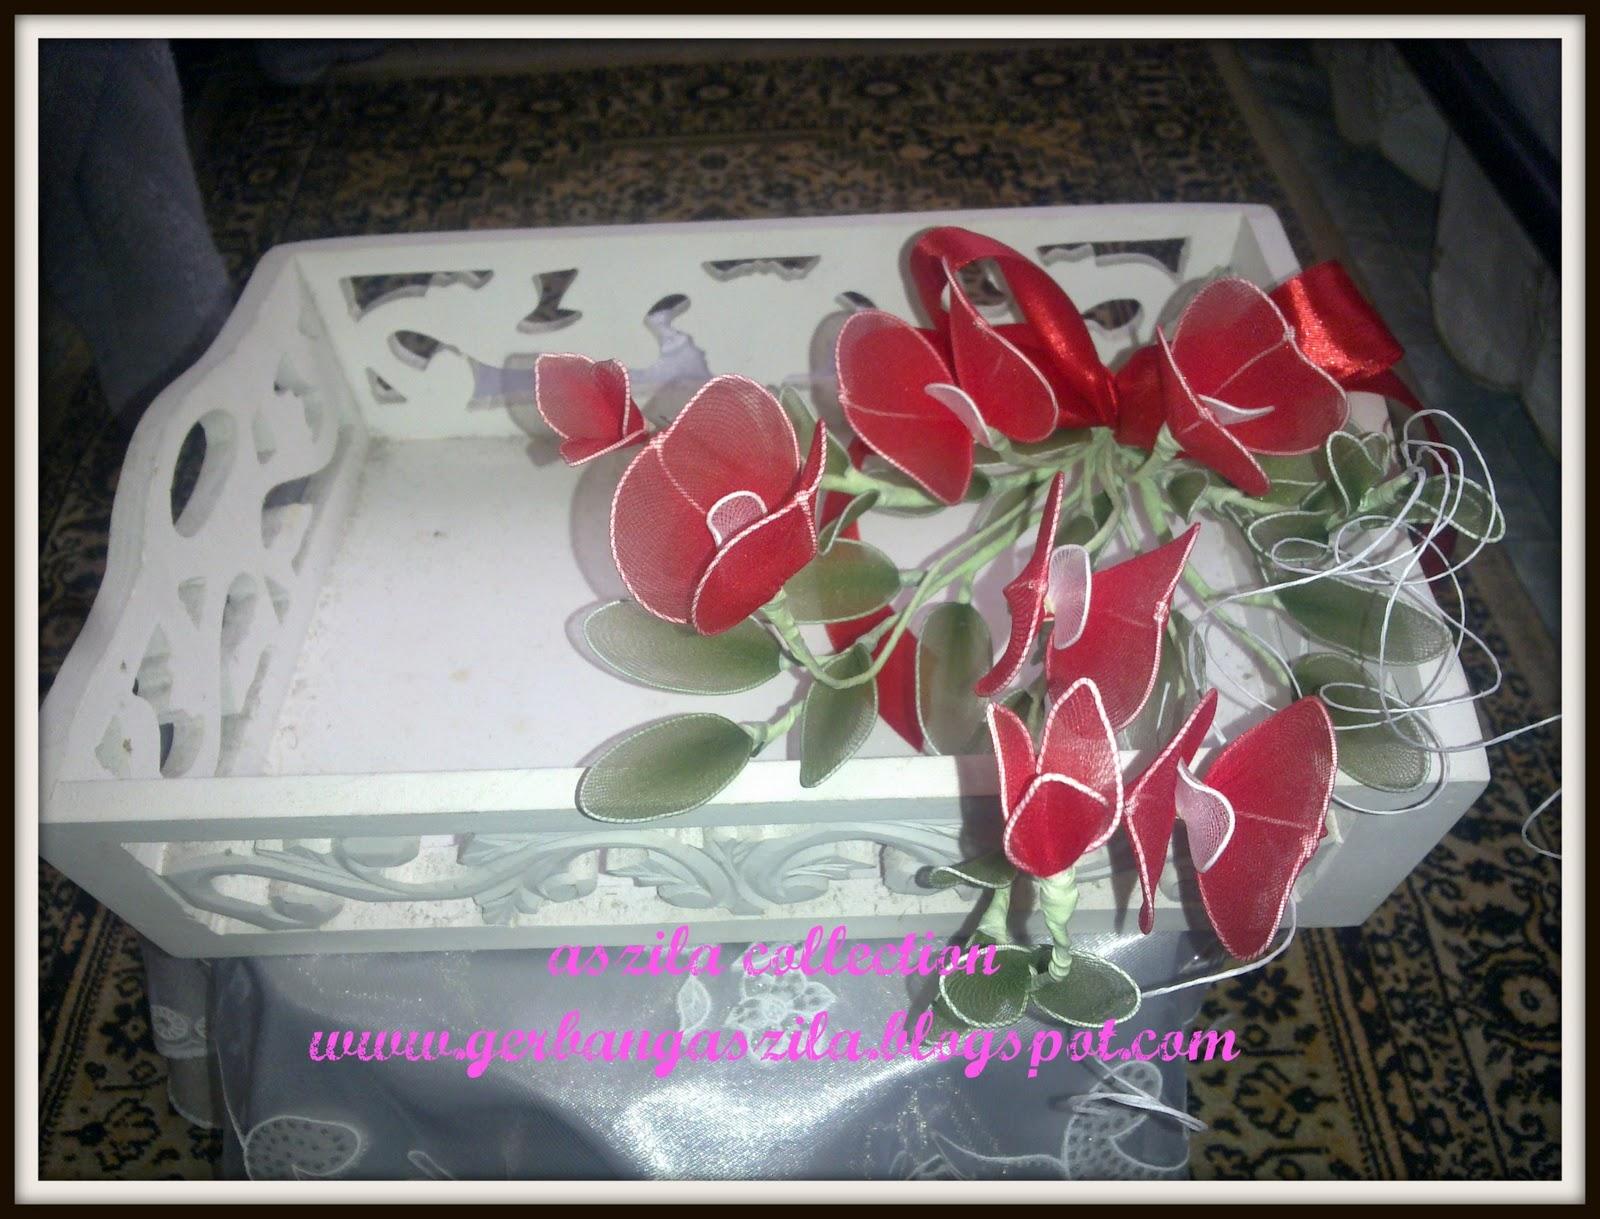 Gerbang Perkahwinan Aszila Bunga Hantaran Dip Sakura Red | Foto Artis ...